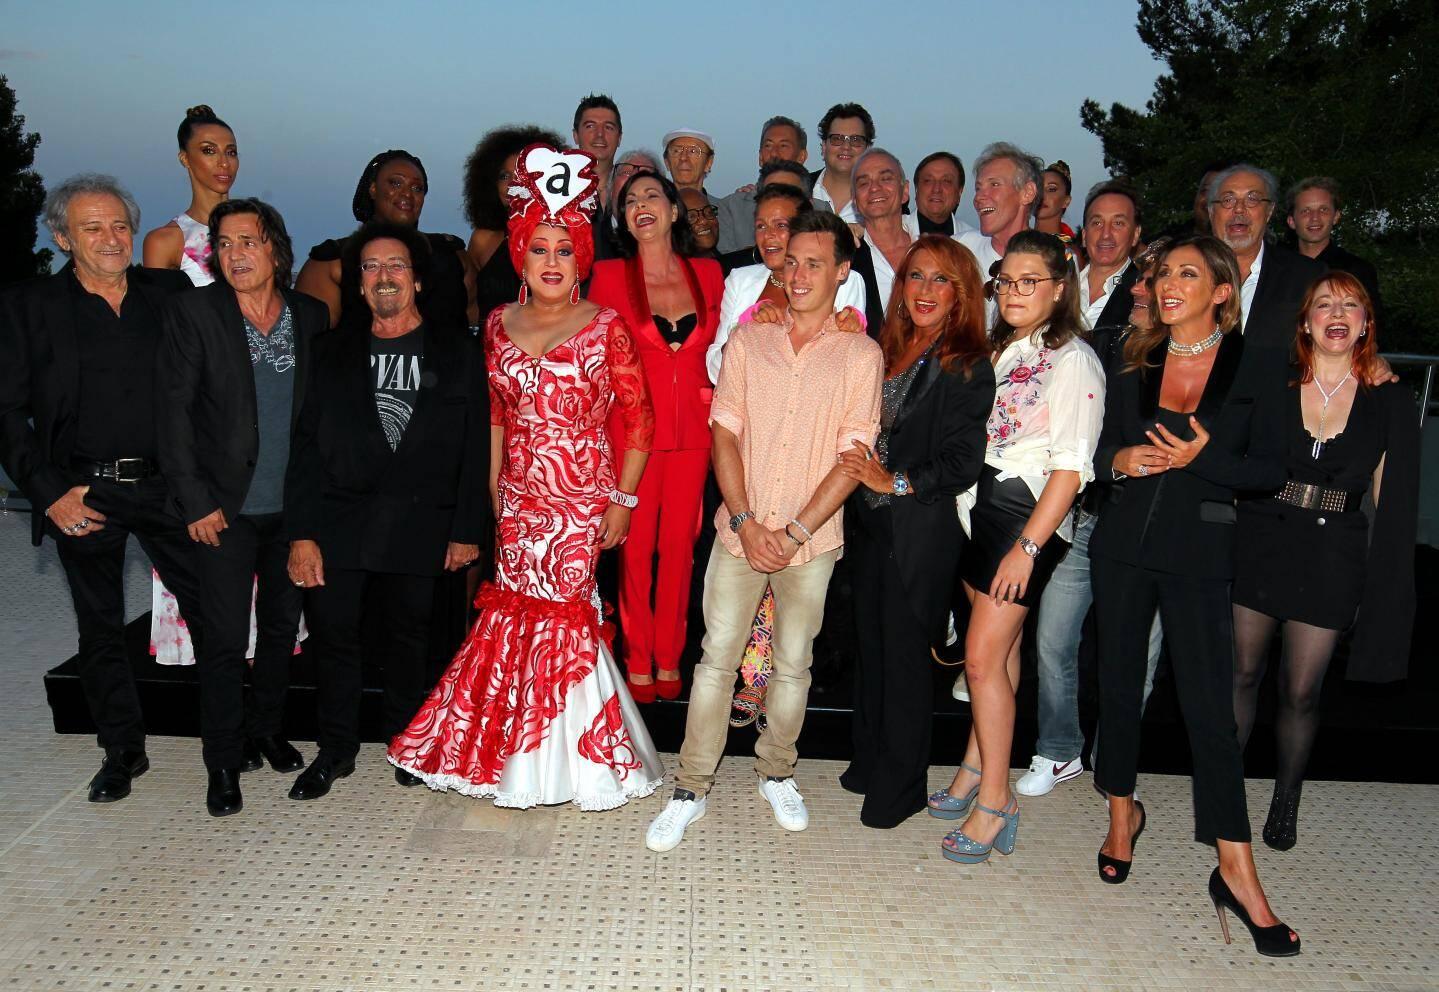 Quand la séance photo se transforme en karaoké... hier soir, tout le monde s'est mis à chanter «Ouragan».